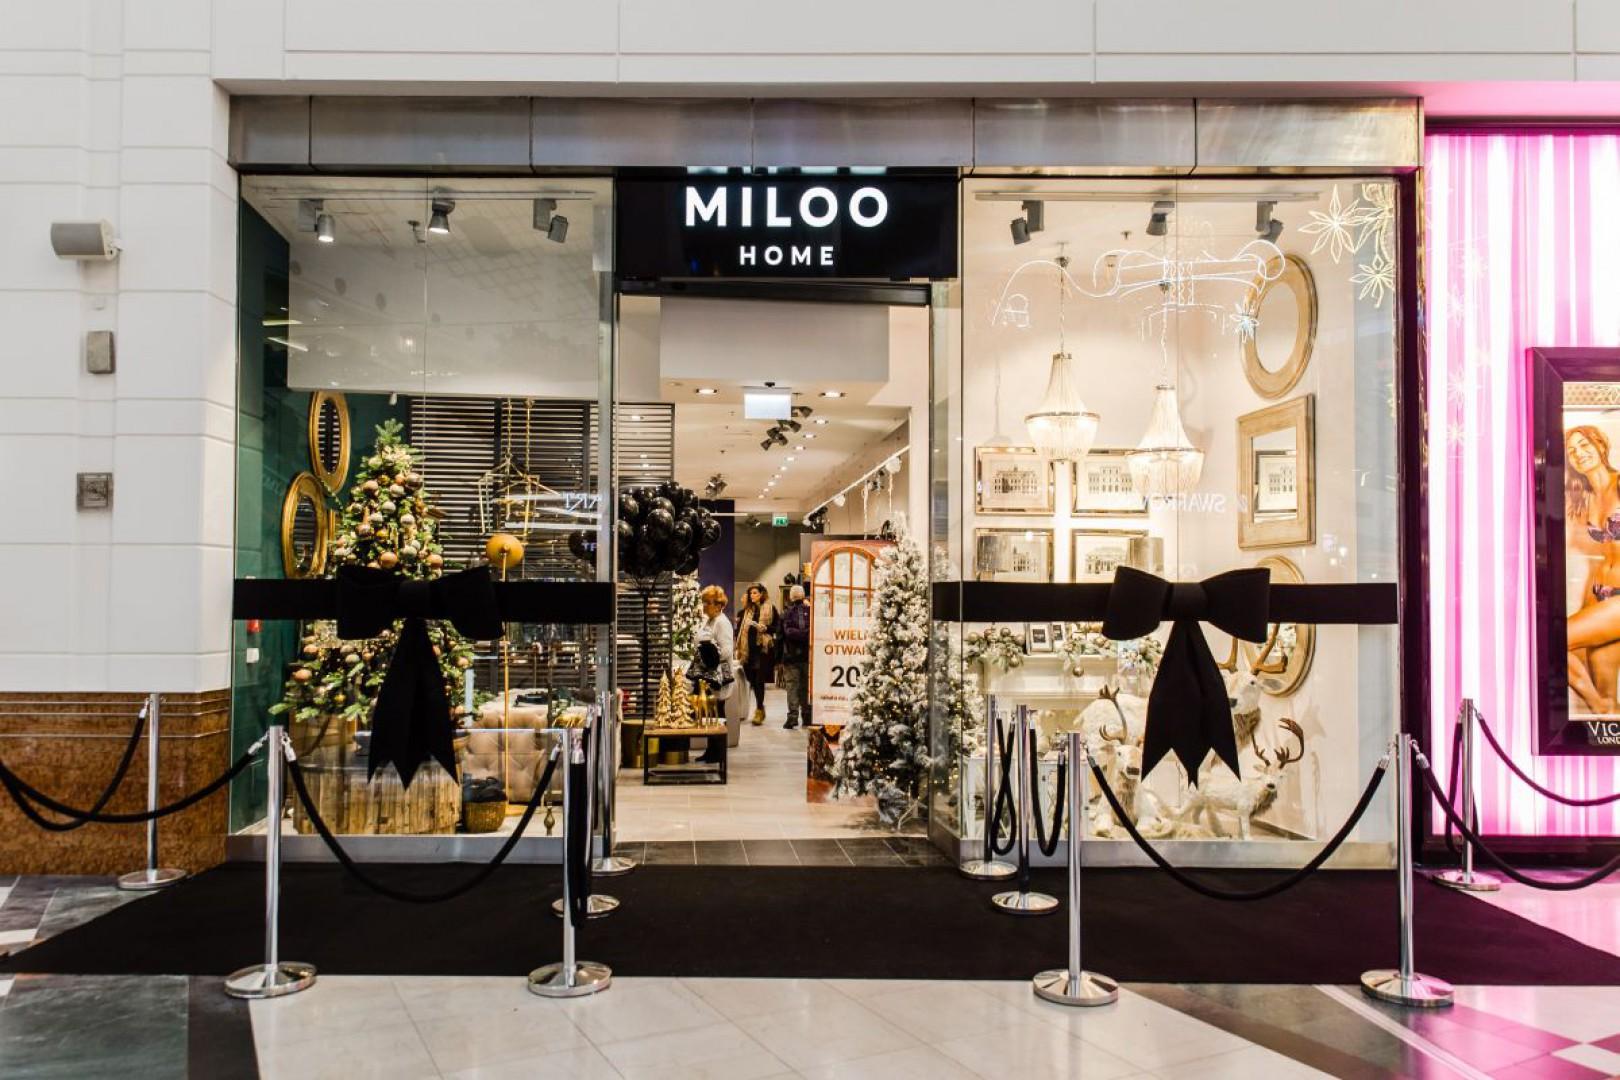 Miloo rynek mebli - marka miloo home otworzyła nowy salon w warszawskiej